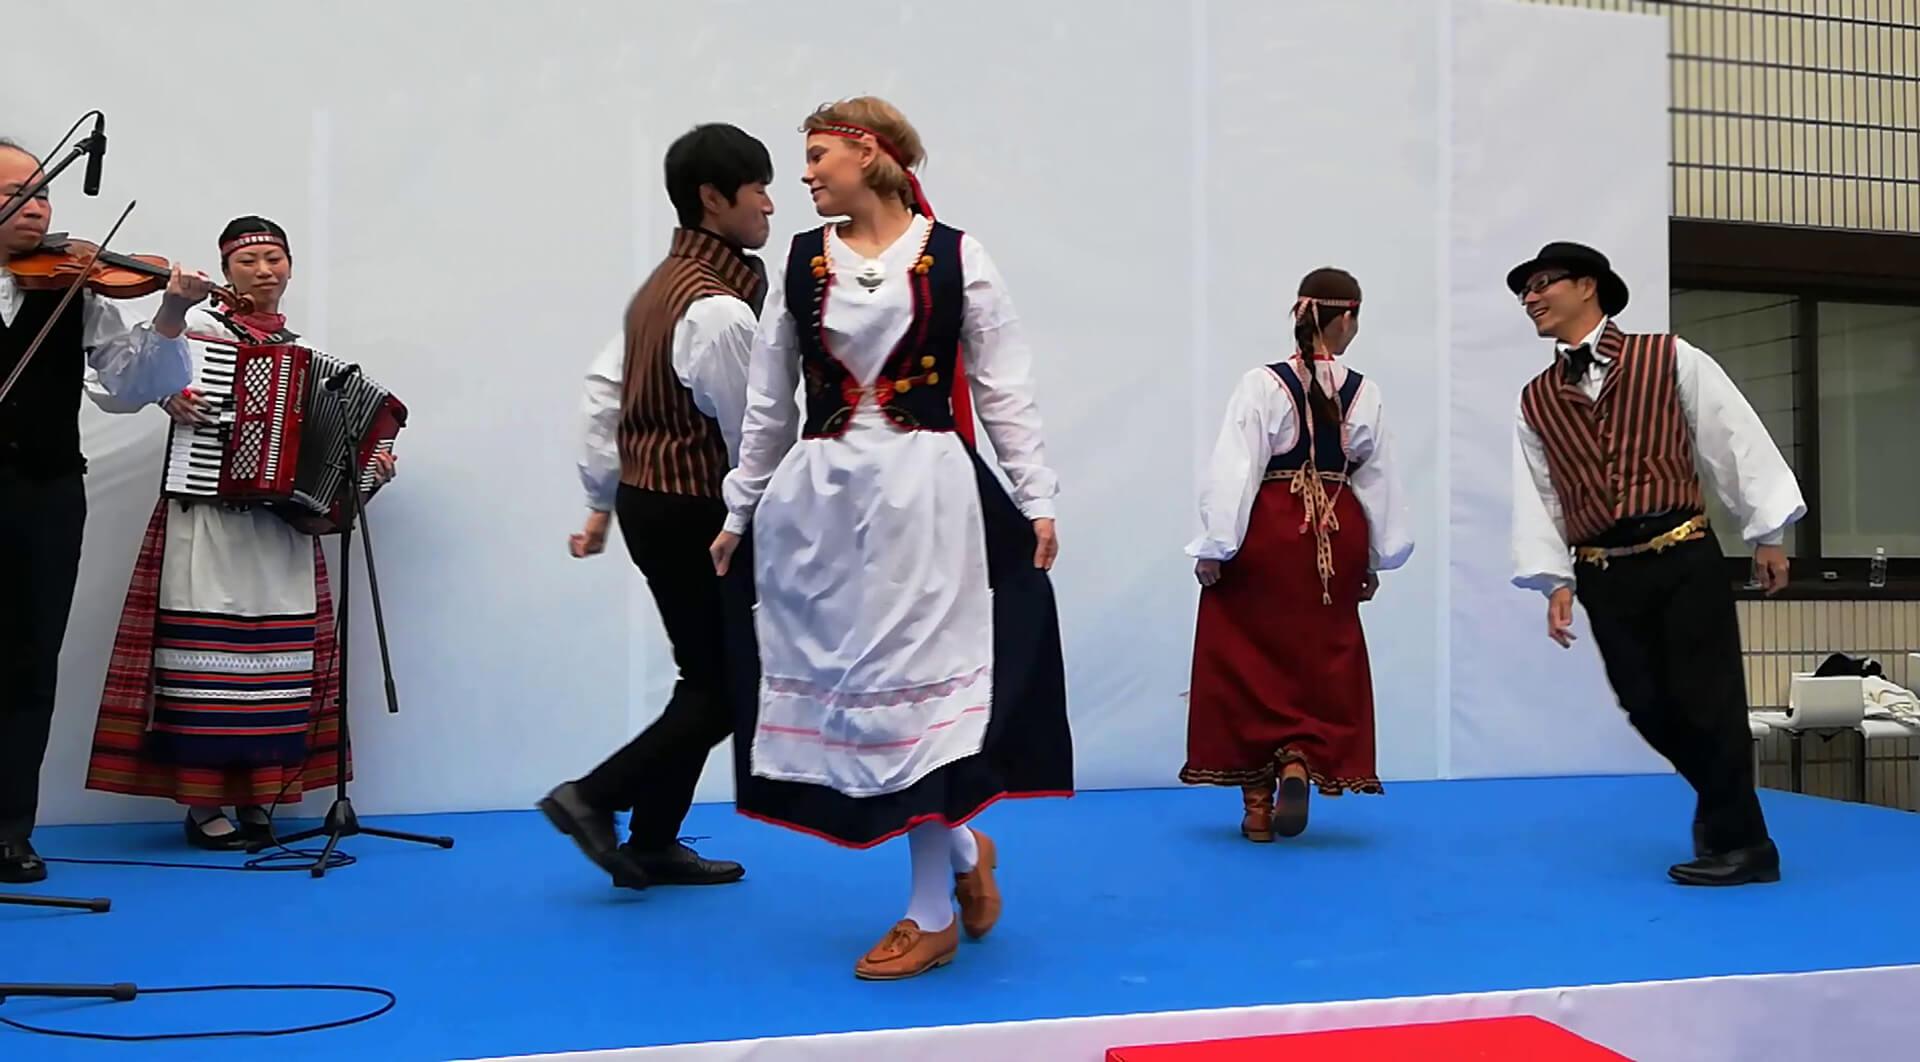 この写真はミッドサマーダンスの様子です